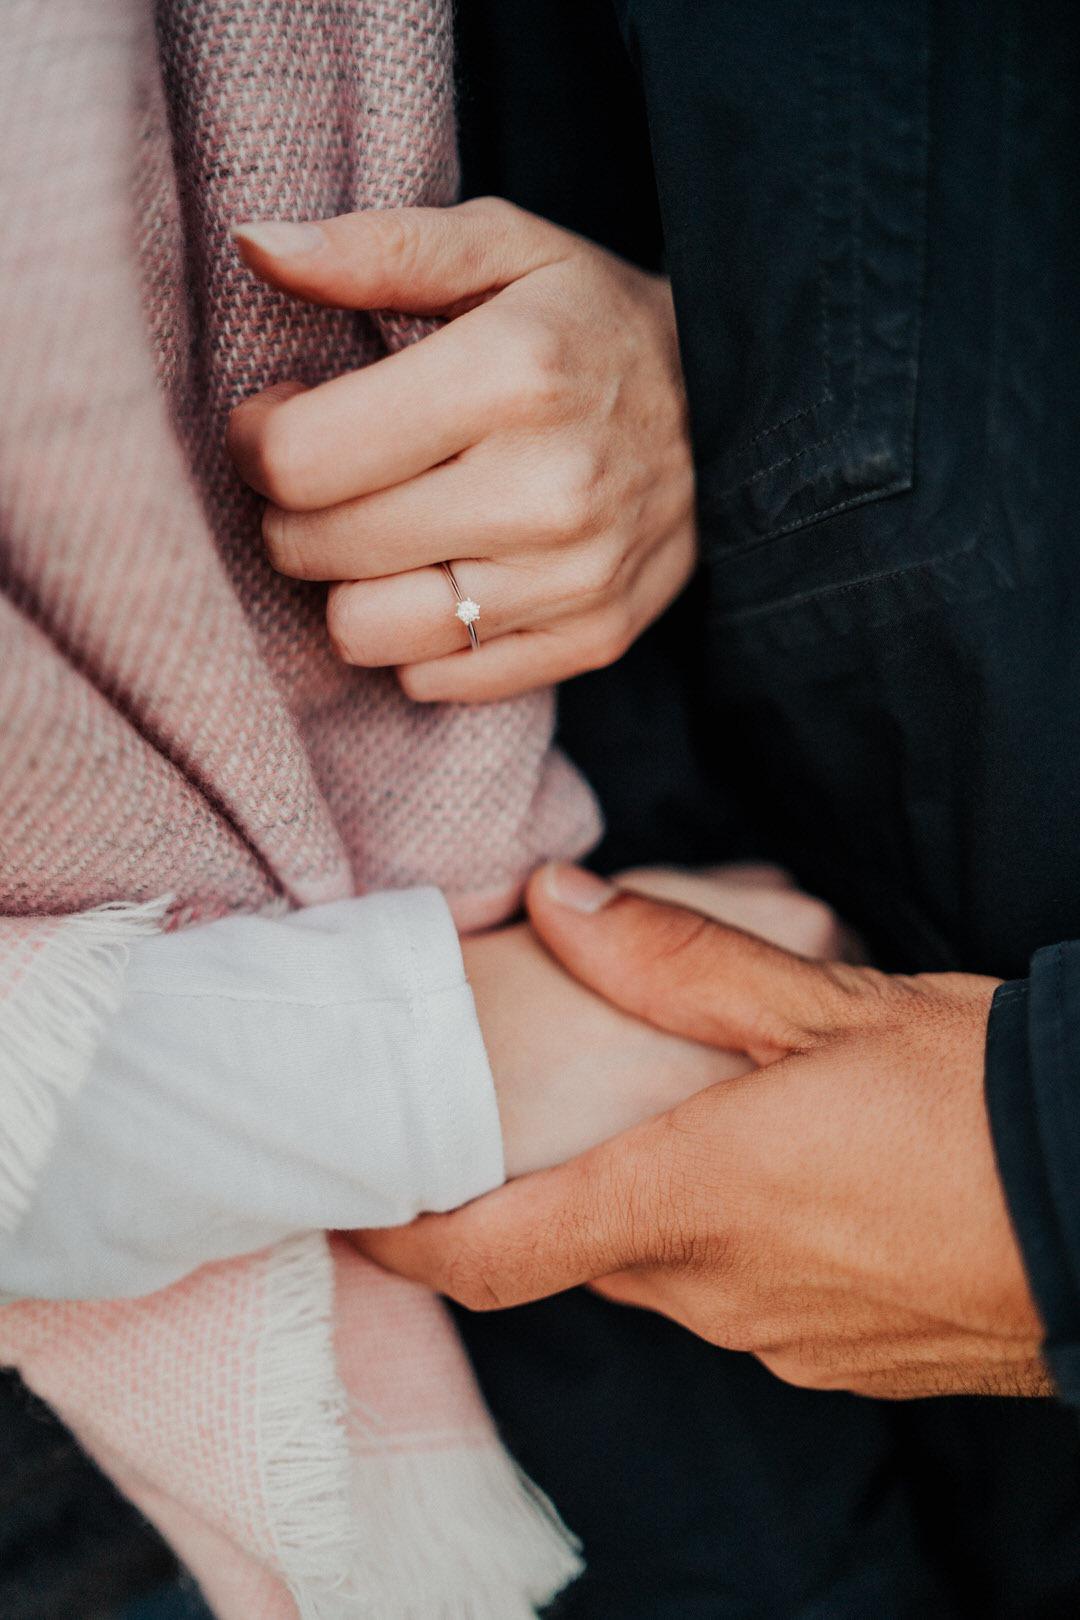 Hände und Ring-Details beim Engagement-Paarshooting. Derartige Bilder eignen sich auch hervorragen für die Save the Date und Hochzeits-Einladungskarten.